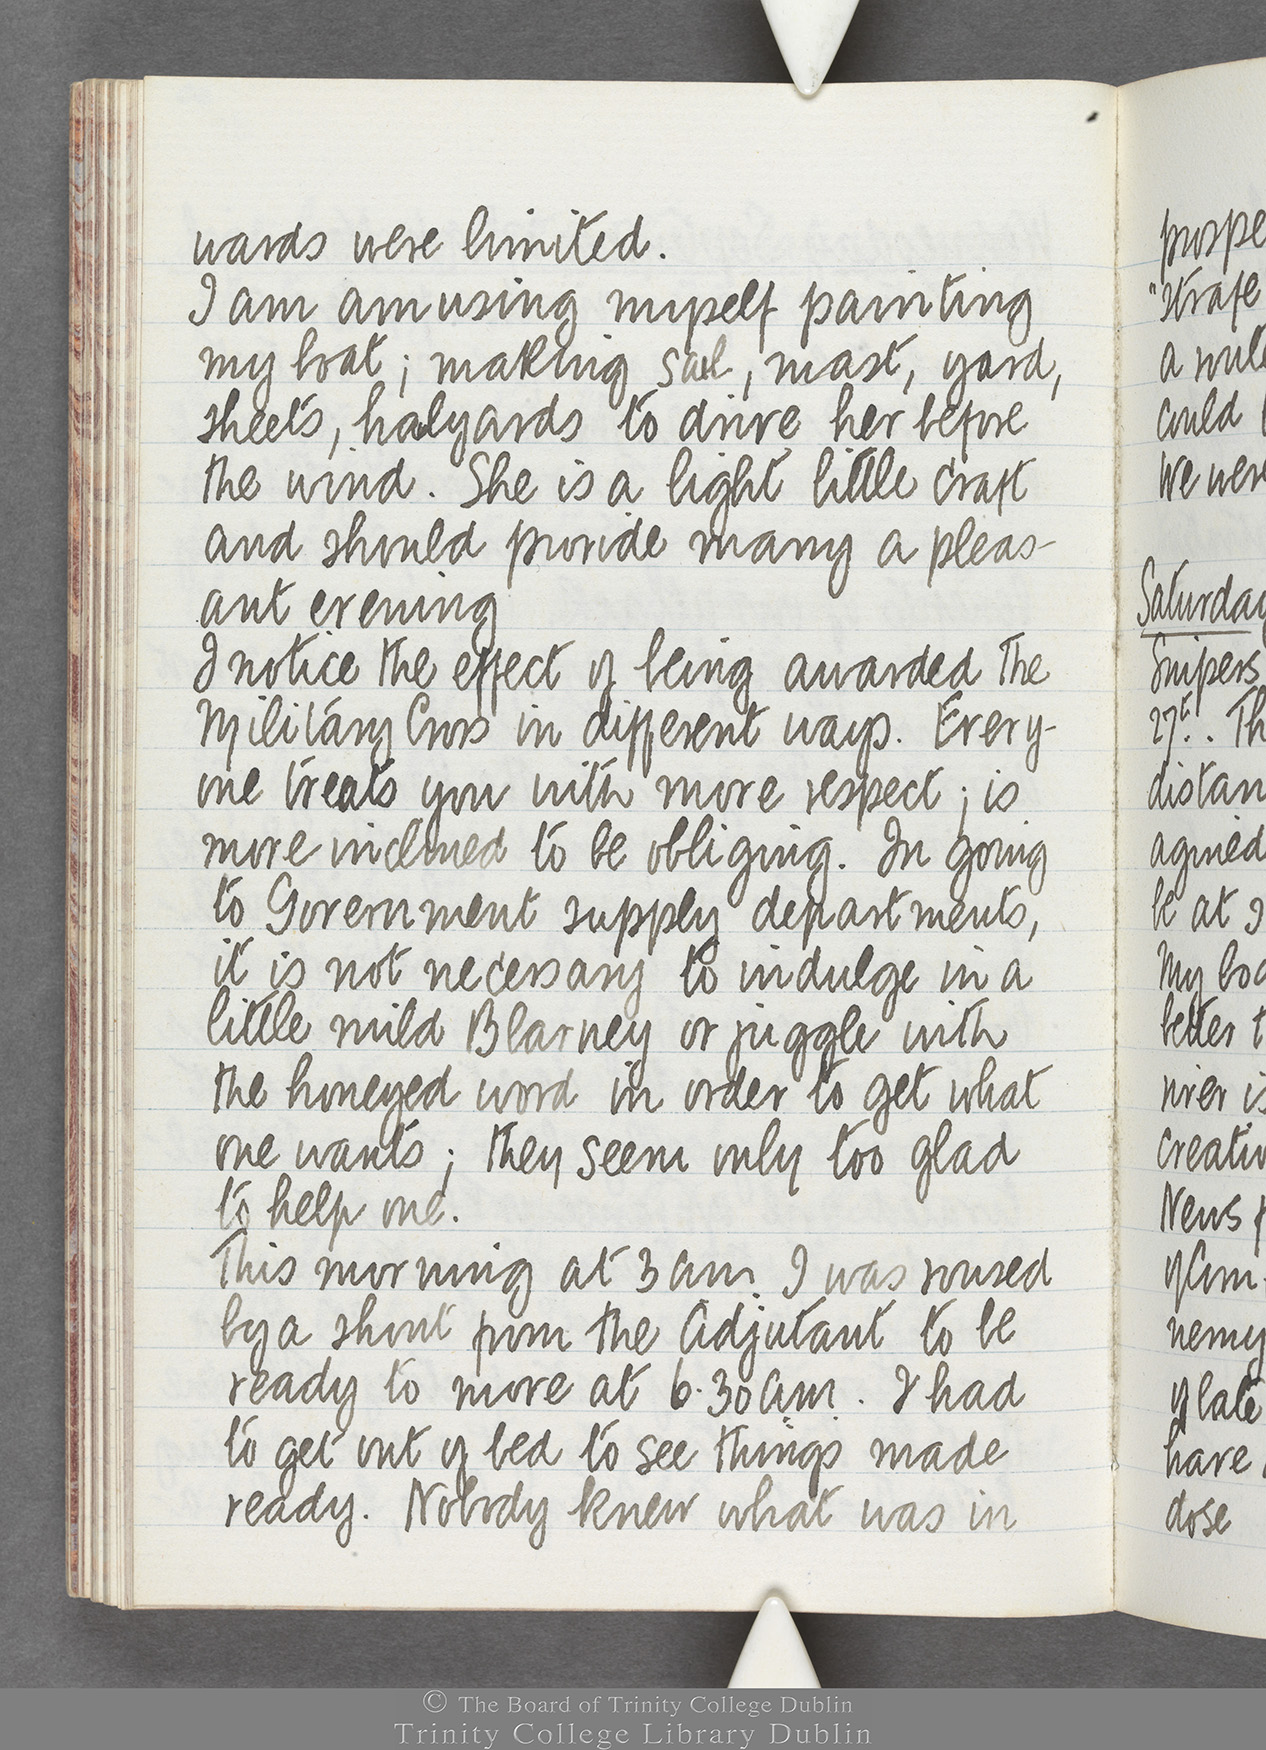 TCD MS 10516 folio 53 verso